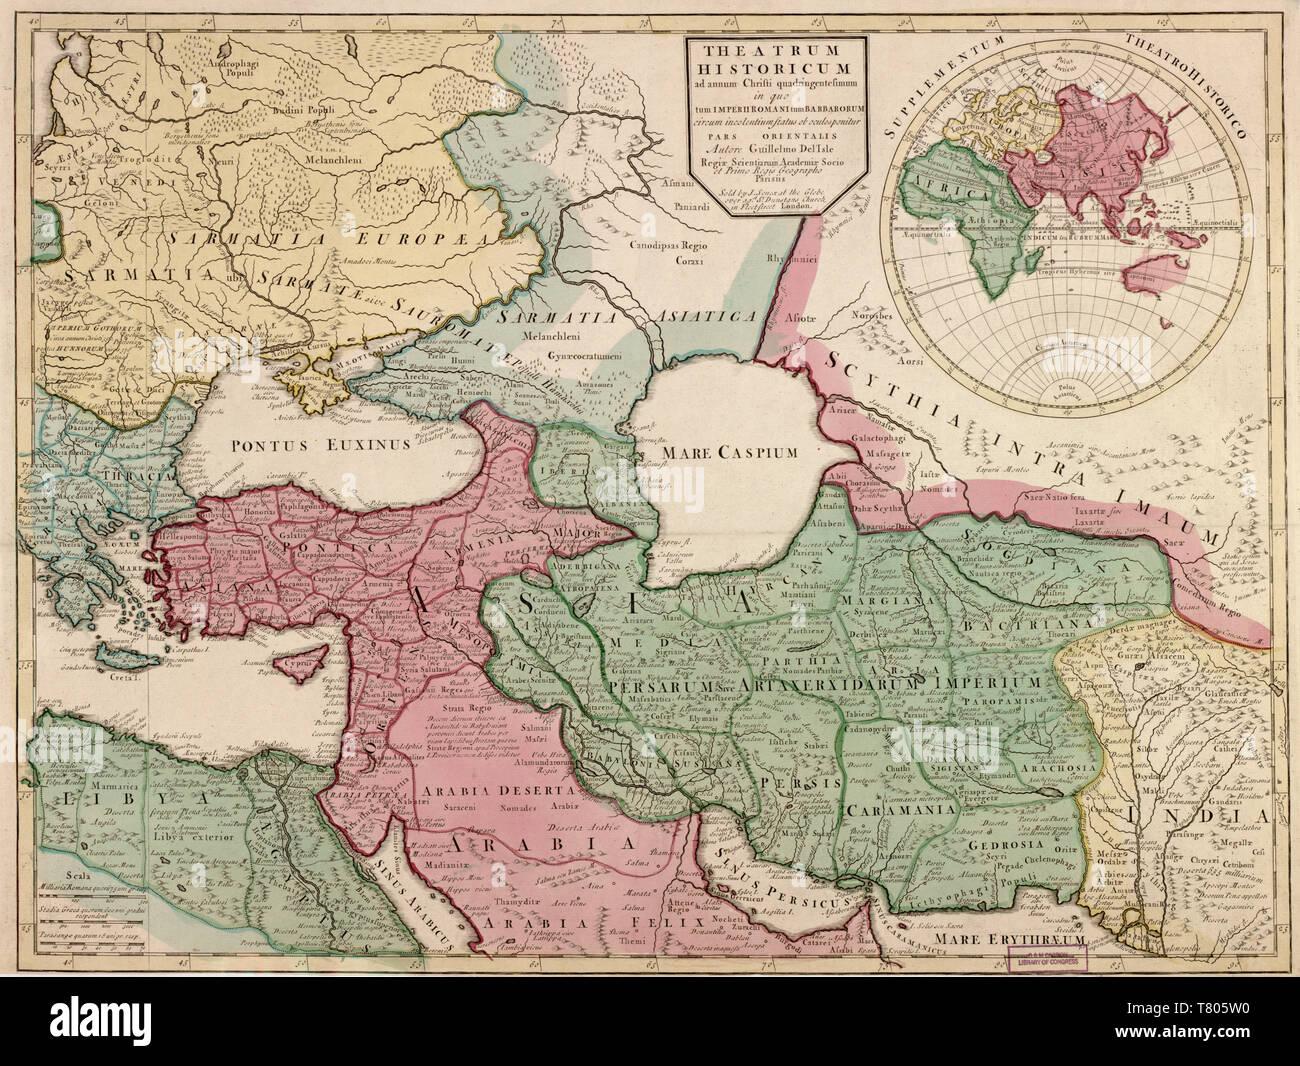 Guillaume Delisle, l'Empire romain d'une carte, 400 ANNONCE Photo Stock